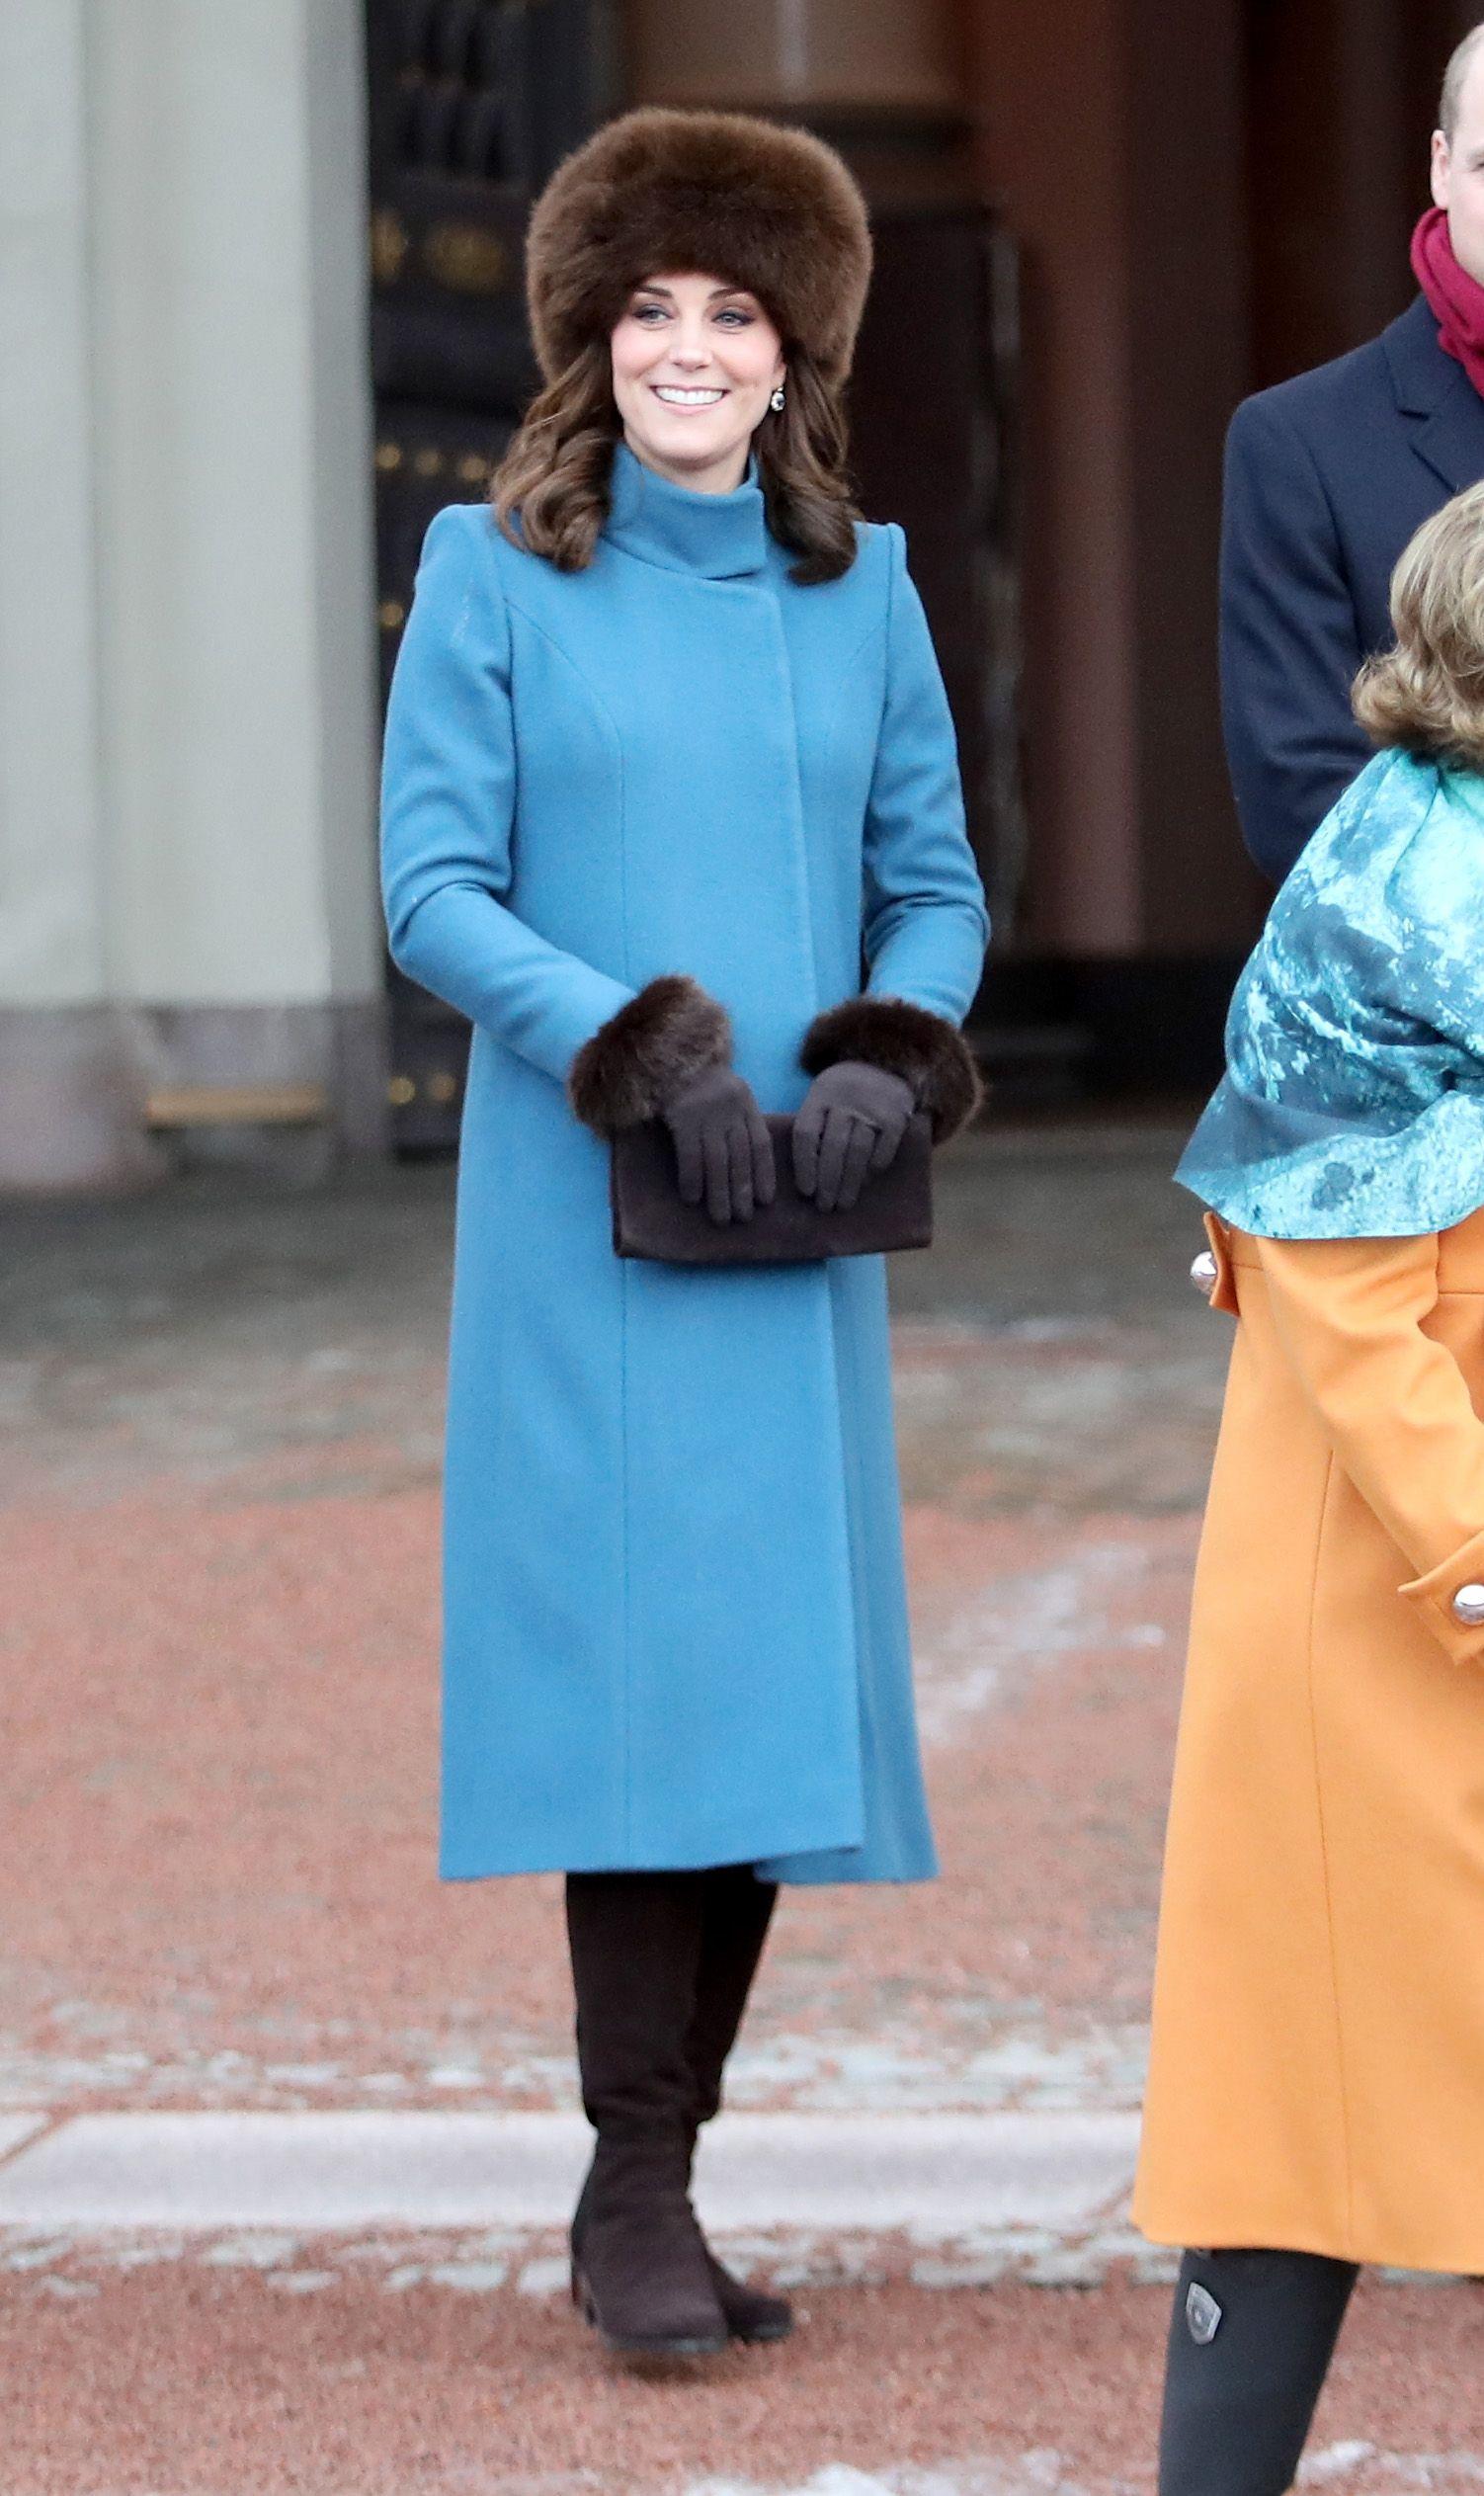 Kate Middleton Baby Bump Photos - Kate Middleton Maternity Style ...